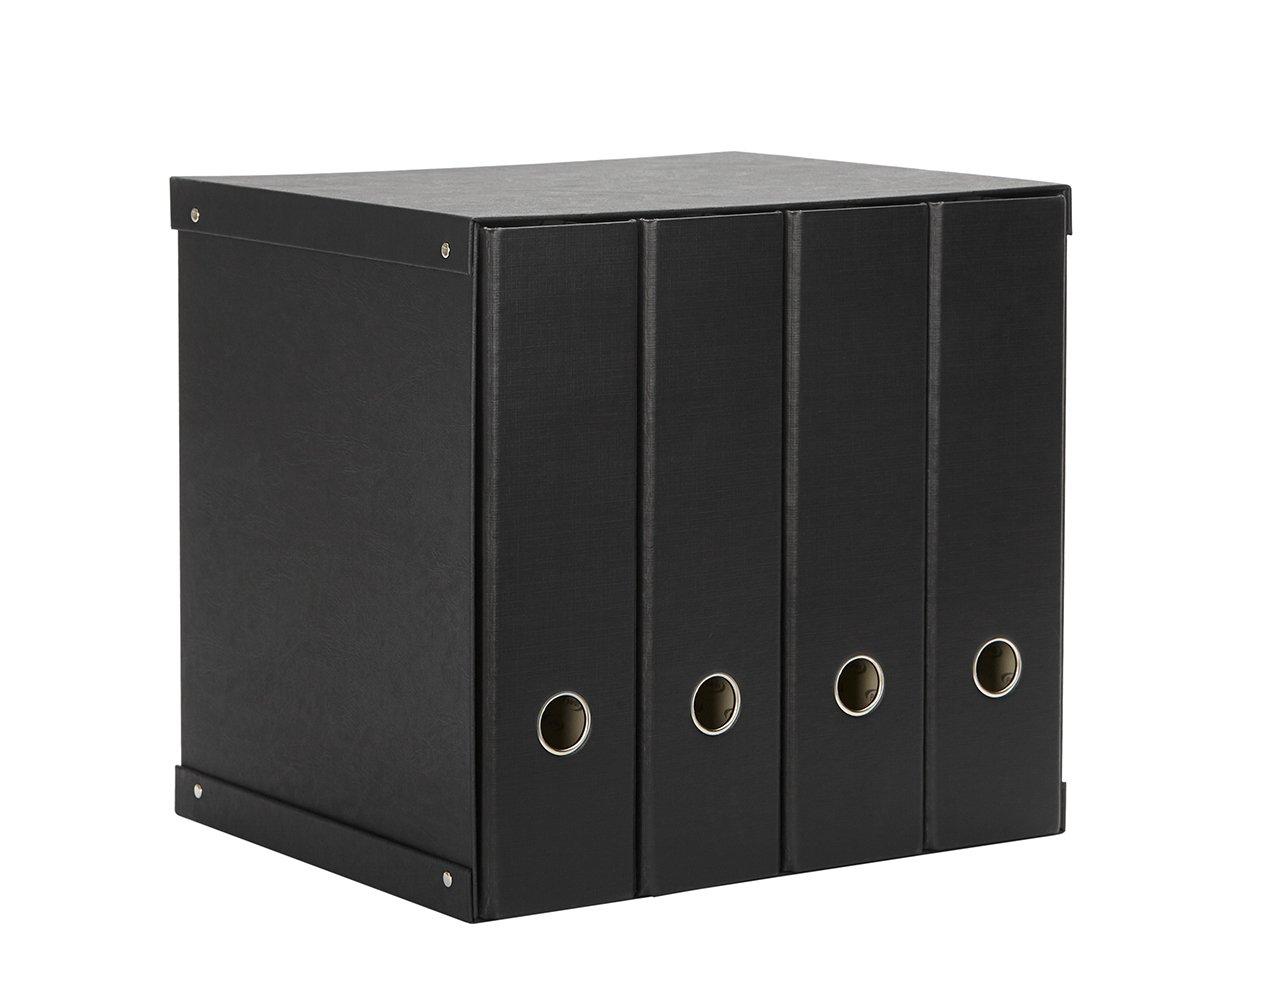 Pardo 924403 - Modulo con 4 archivadores, color negro: Amazon.es: Oficina y papelería